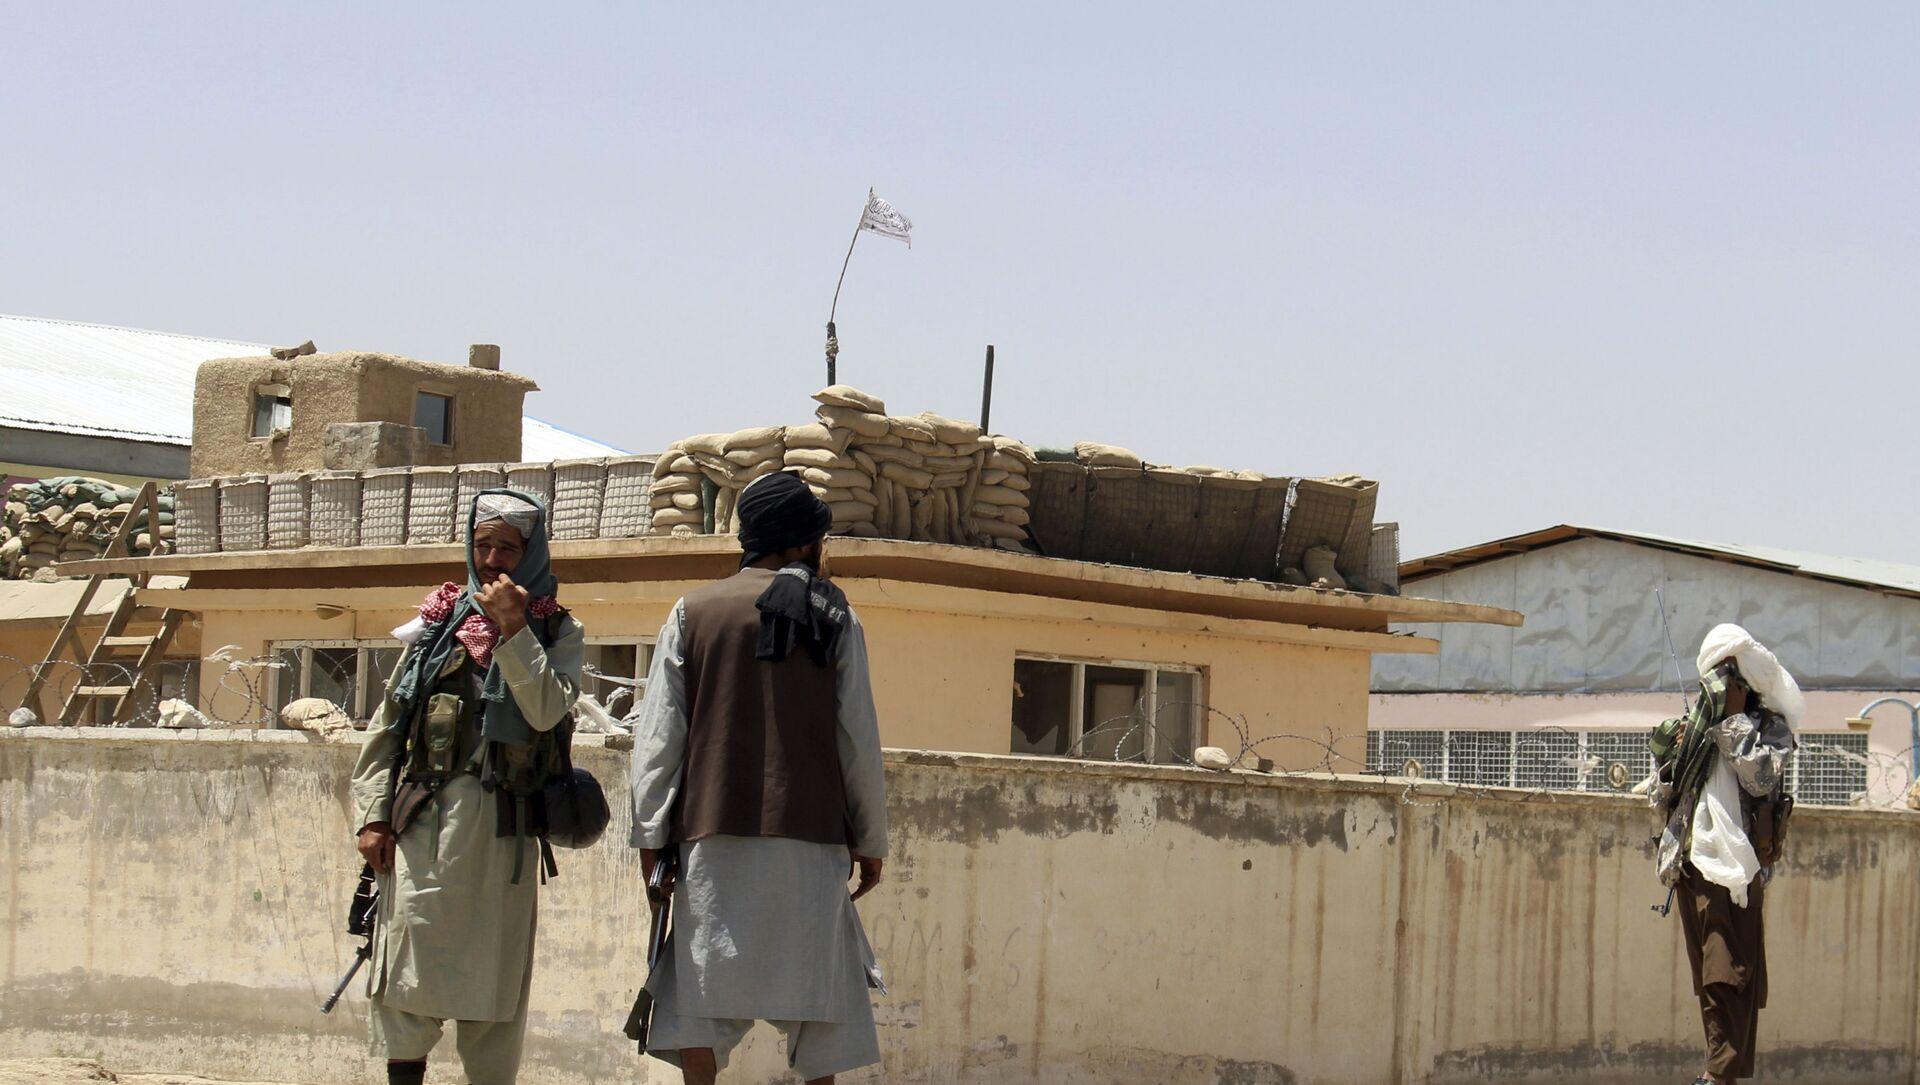 Боевики Талибана стоят на страже в городе Газни, к юго-западу от Кабула, Афганистан, в пятницу, 13 августа 2021 года. Талибан завершил зачистку юга страны в пятницу, взяв еще четыре столицы провинций в ходе молниеносного наступления. постепенно окружая Кабул, всего за несколько недель до того, как США официально завершат свою двухдесятилетнюю войну. - Sputnik Абхазия, 1920, 15.08.2021